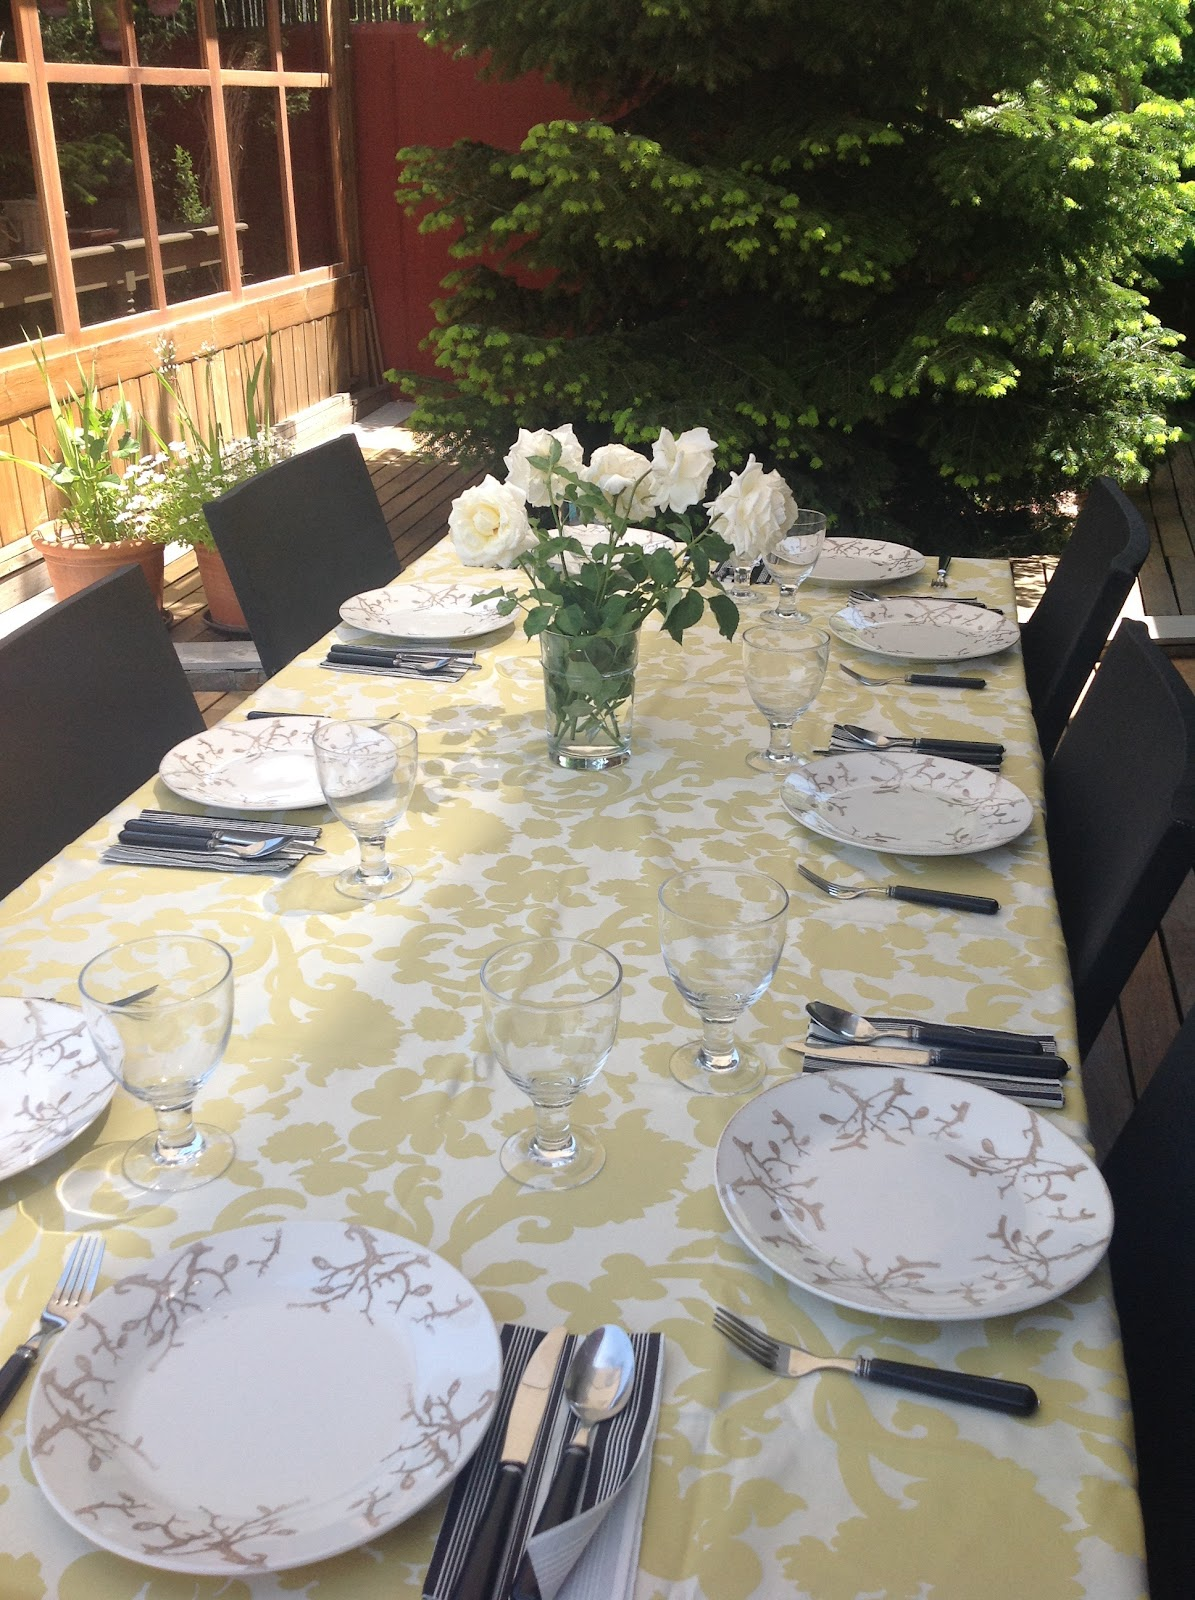 Recetas de hilde porra antequerana for Preparacion de jardines